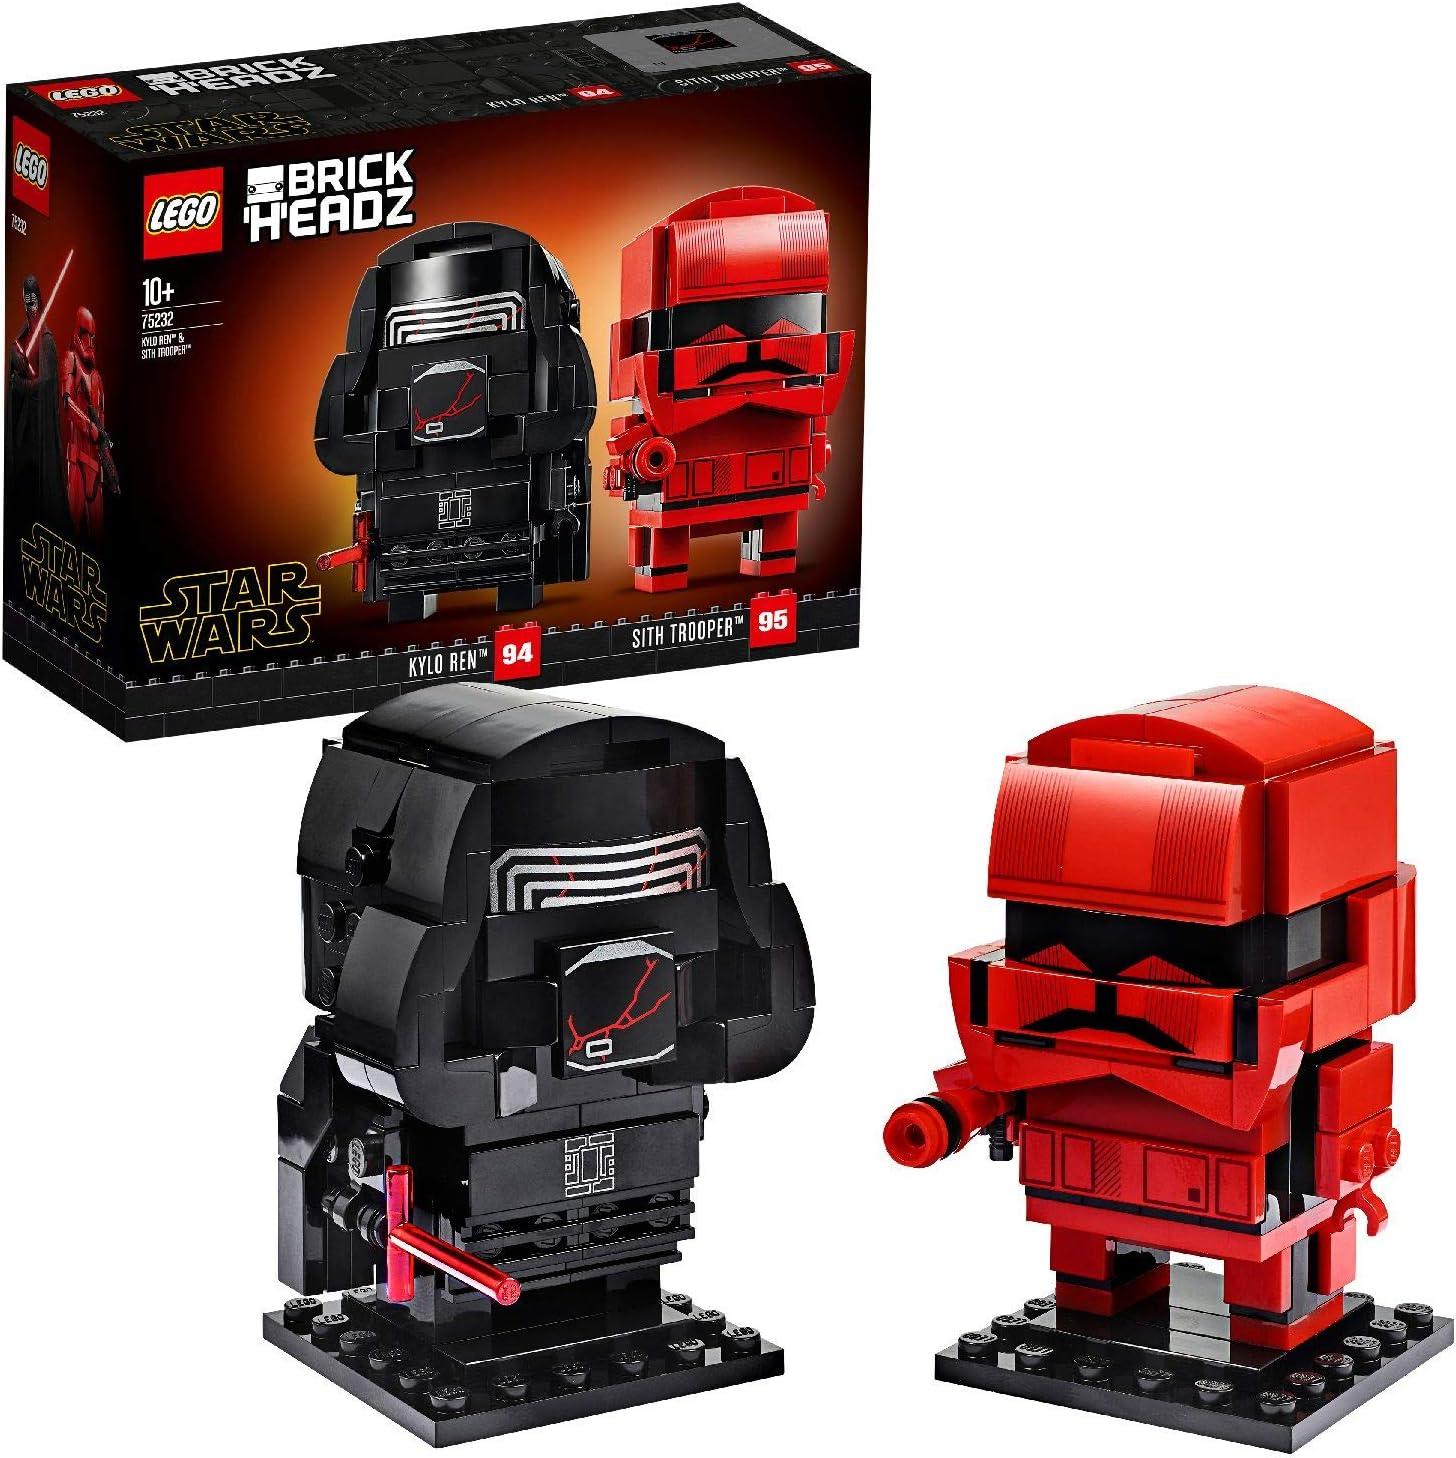 レゴ(LEGO) スター・ウォーズ カイロ・レン(TM) & シス・トルーパー(TM) 75232